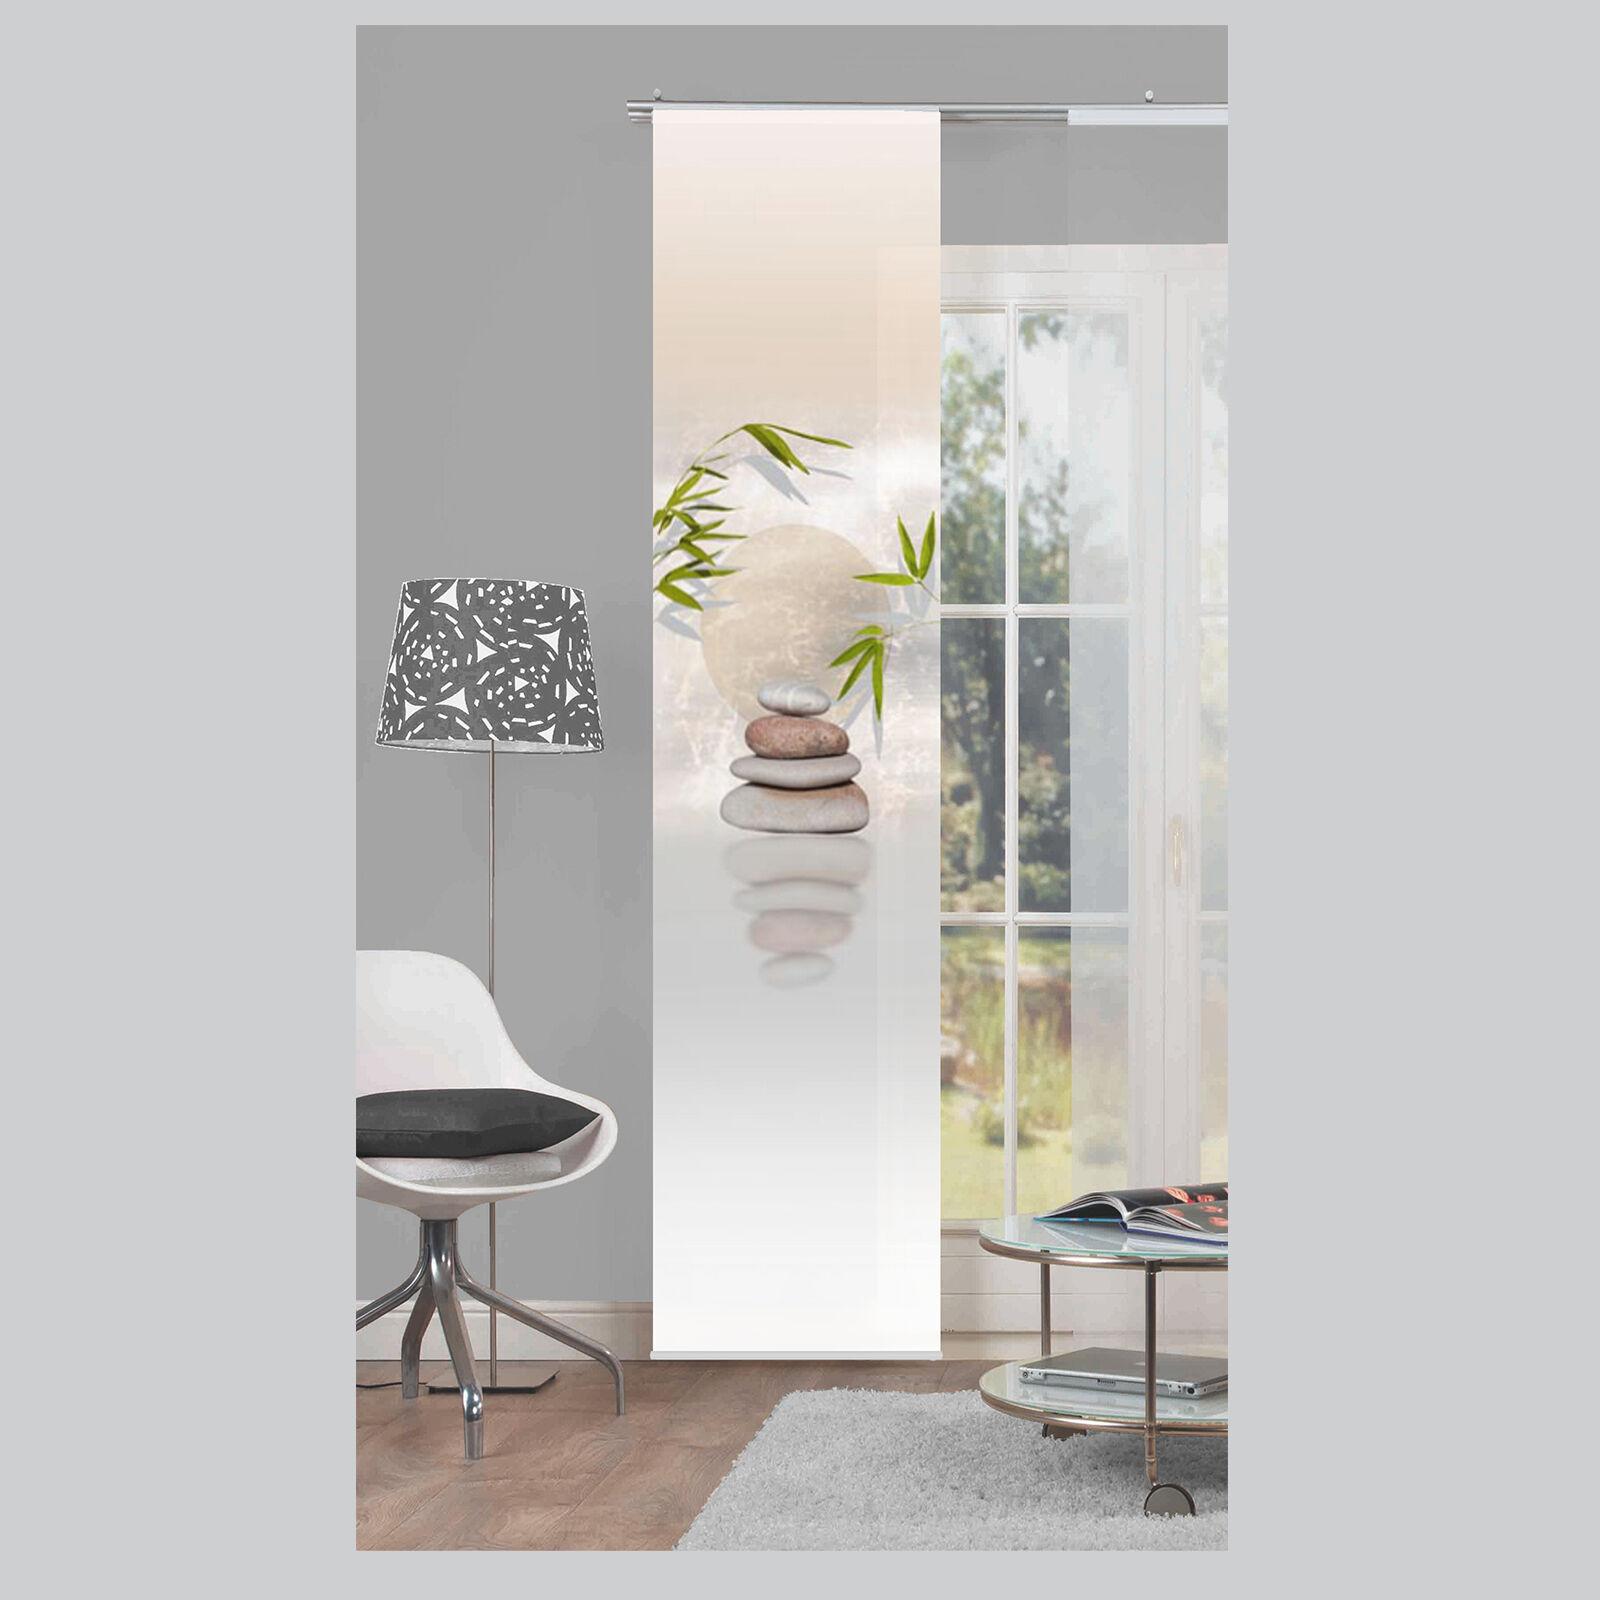 Benessa steine gr ser schiebevorhang raumteiler home for Raumteiler schiebevorhang